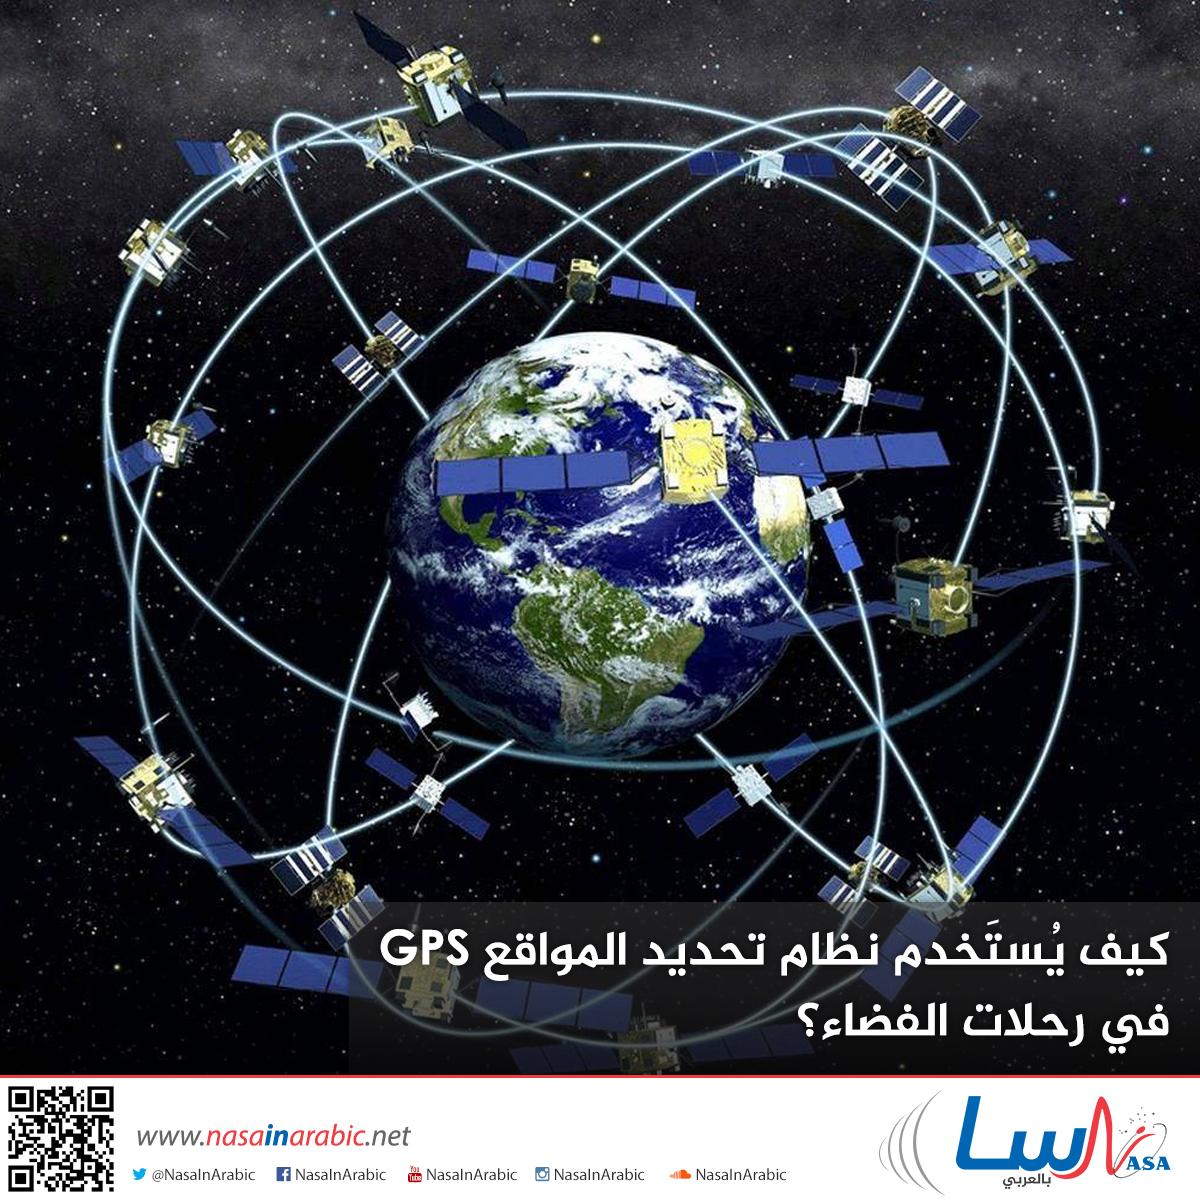 كيف يُستَخدم نظام تحديد المواقع GPS في رحلات الفضاء؟